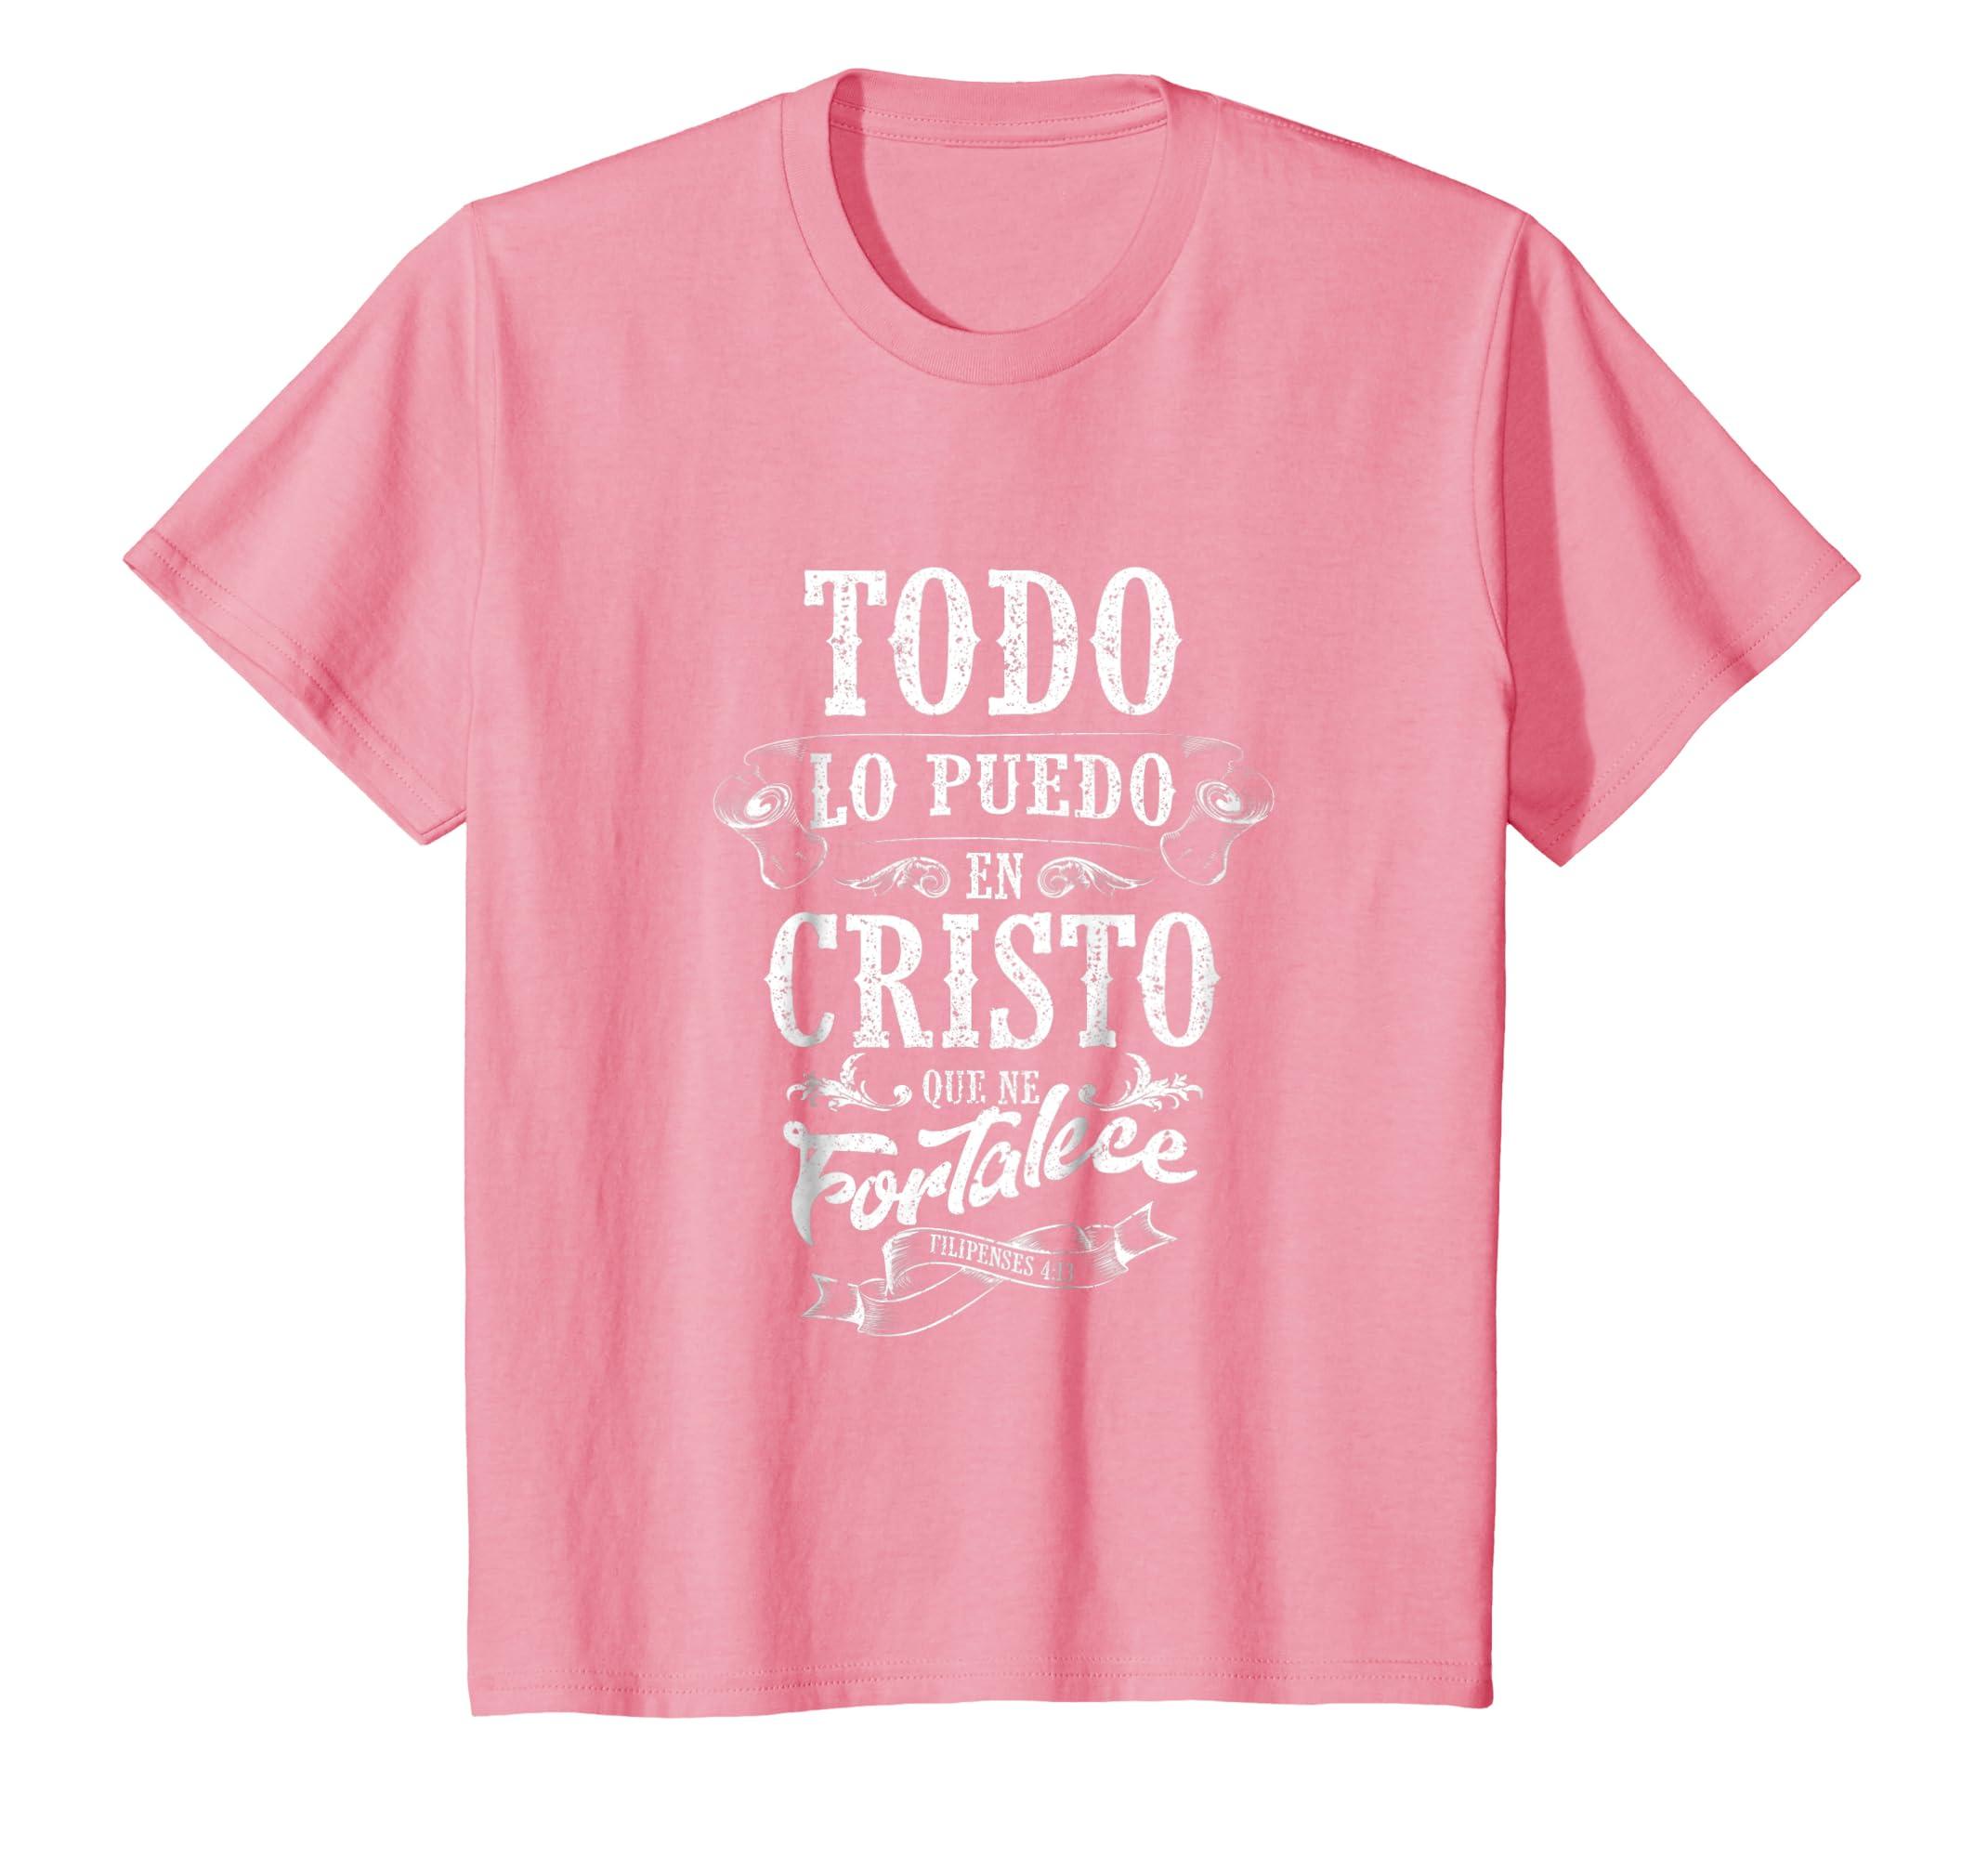 Amazon.com: Camisas Cristianas para mujeres | Camisetas religiosas: Clothing